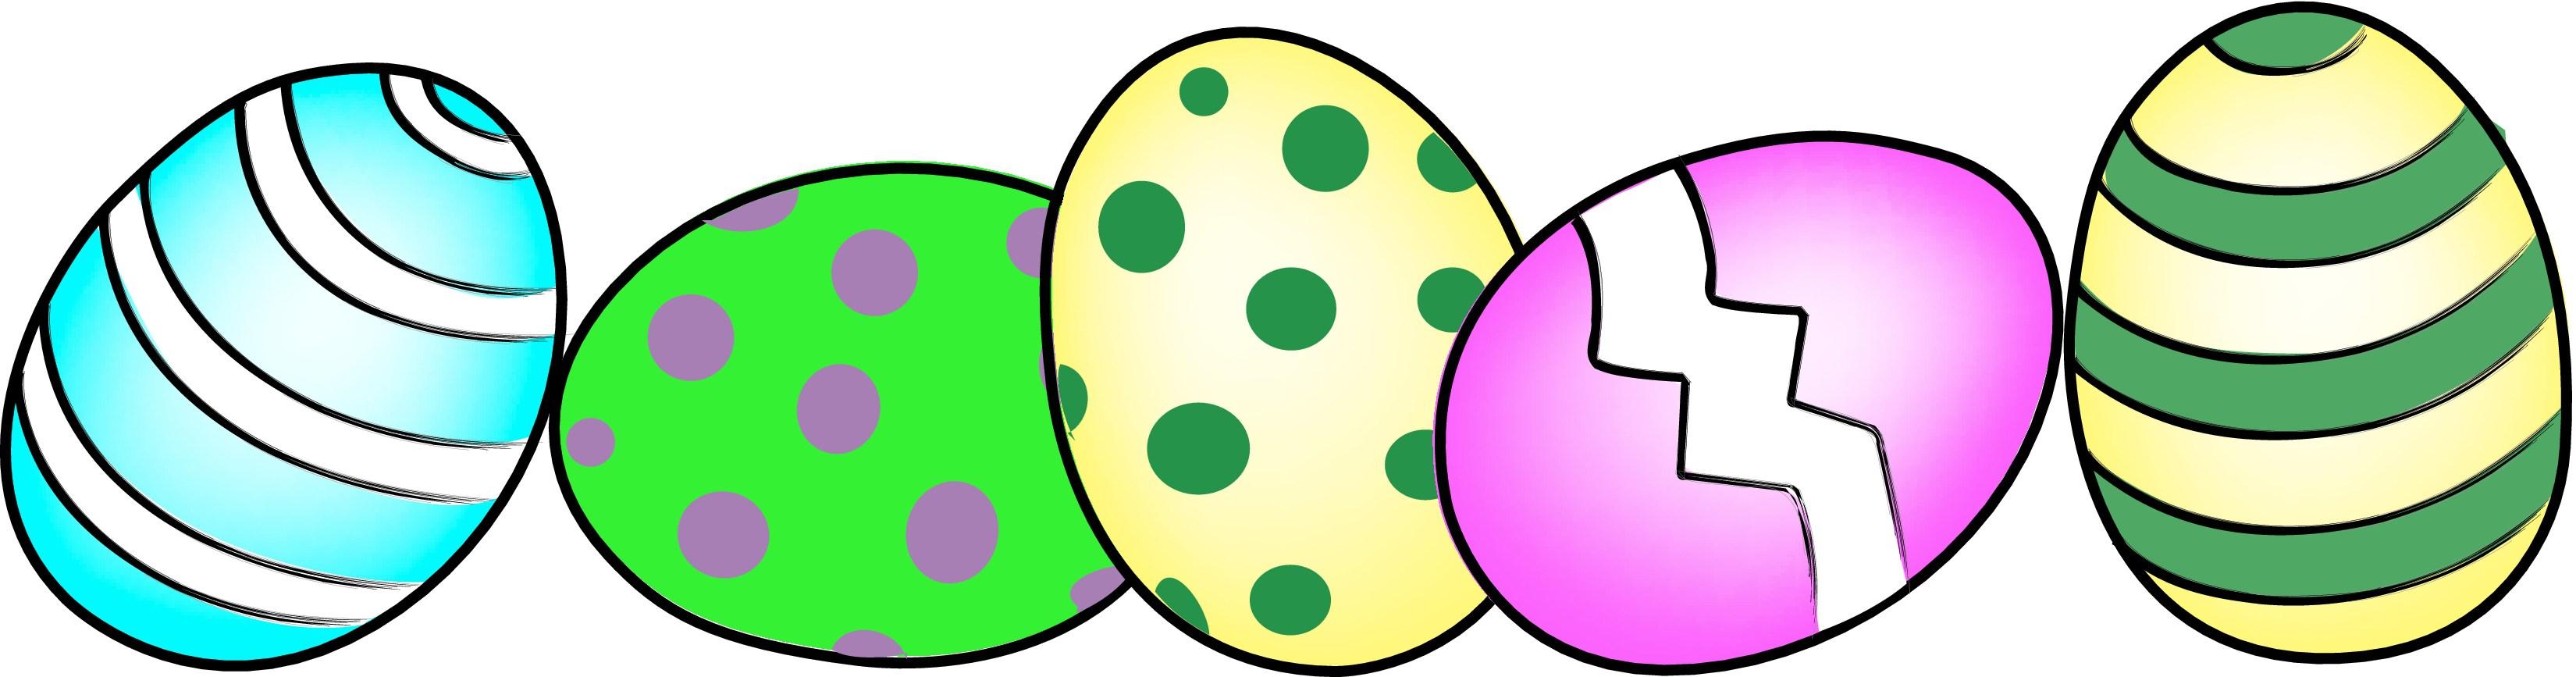 Google free clipart easter egg hunt.